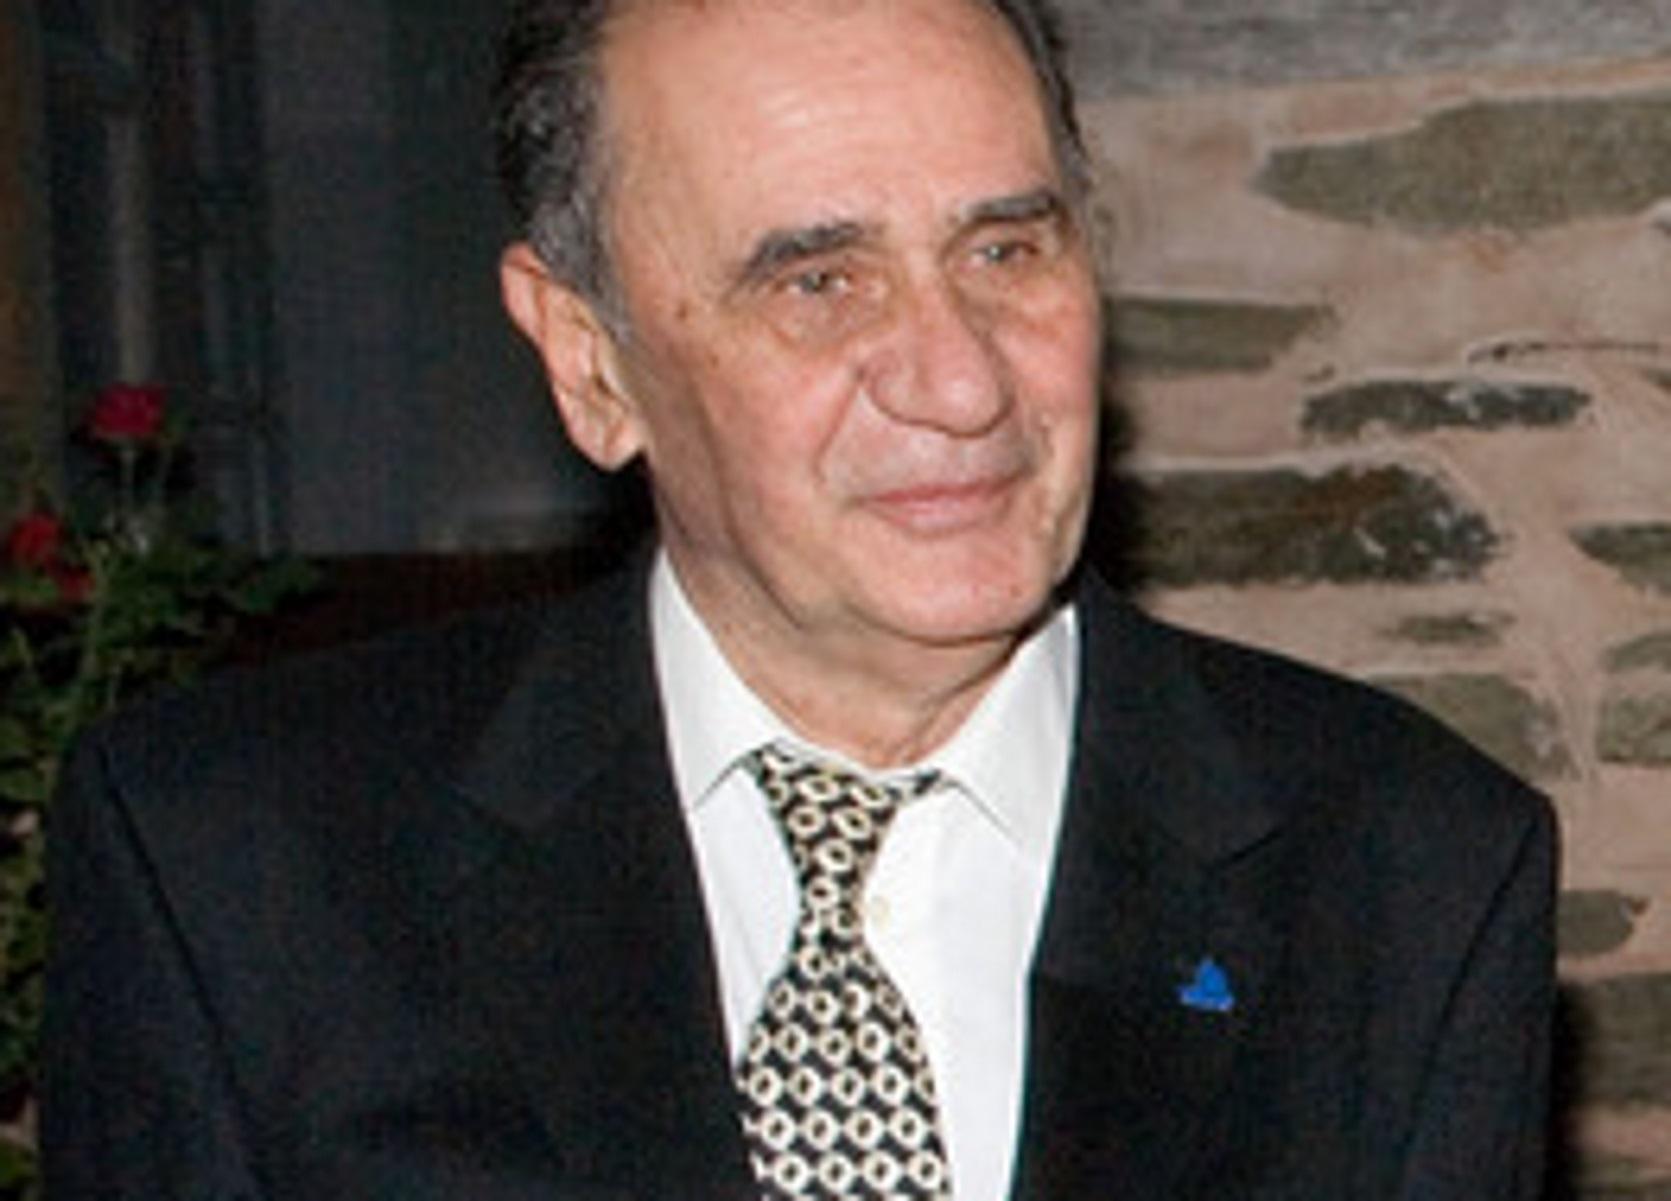 Γιώργος Δαλακούρας: Πέθανε ο εφοπλιστής και  πρώην βουλευτής της ΝΔ